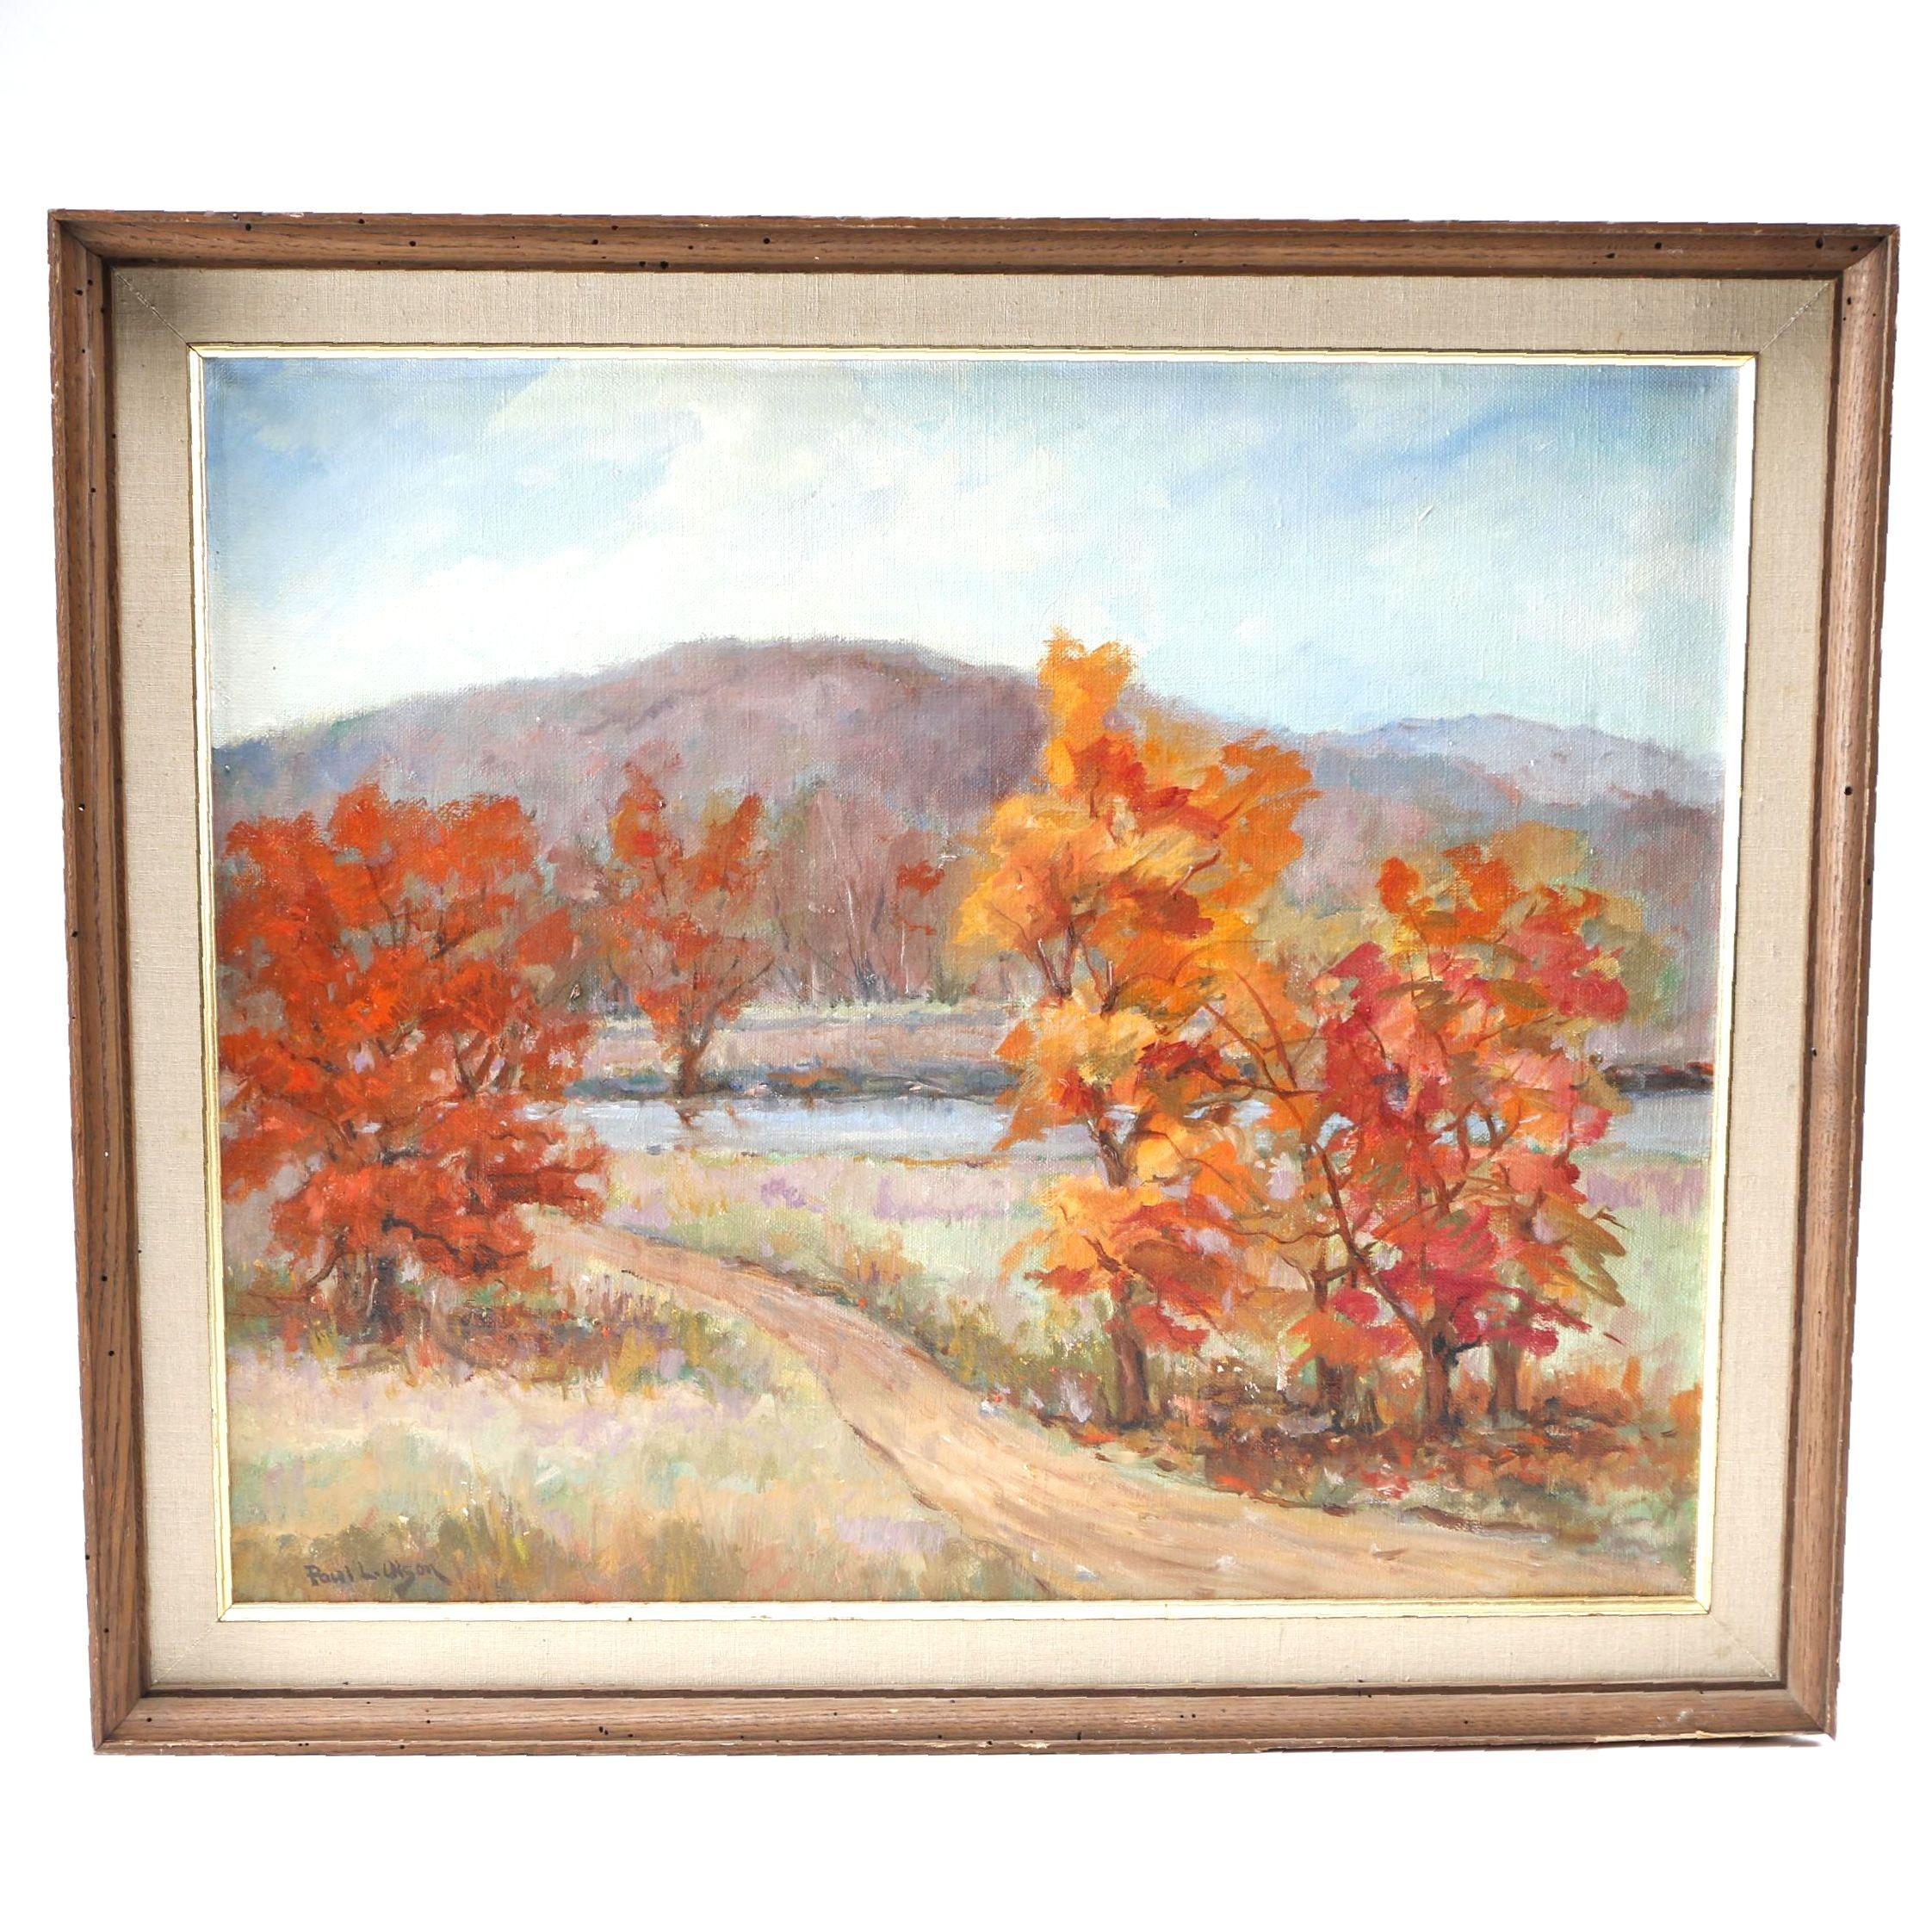 Paul Olsen Oil Painting on Canvas of Landscape Scene